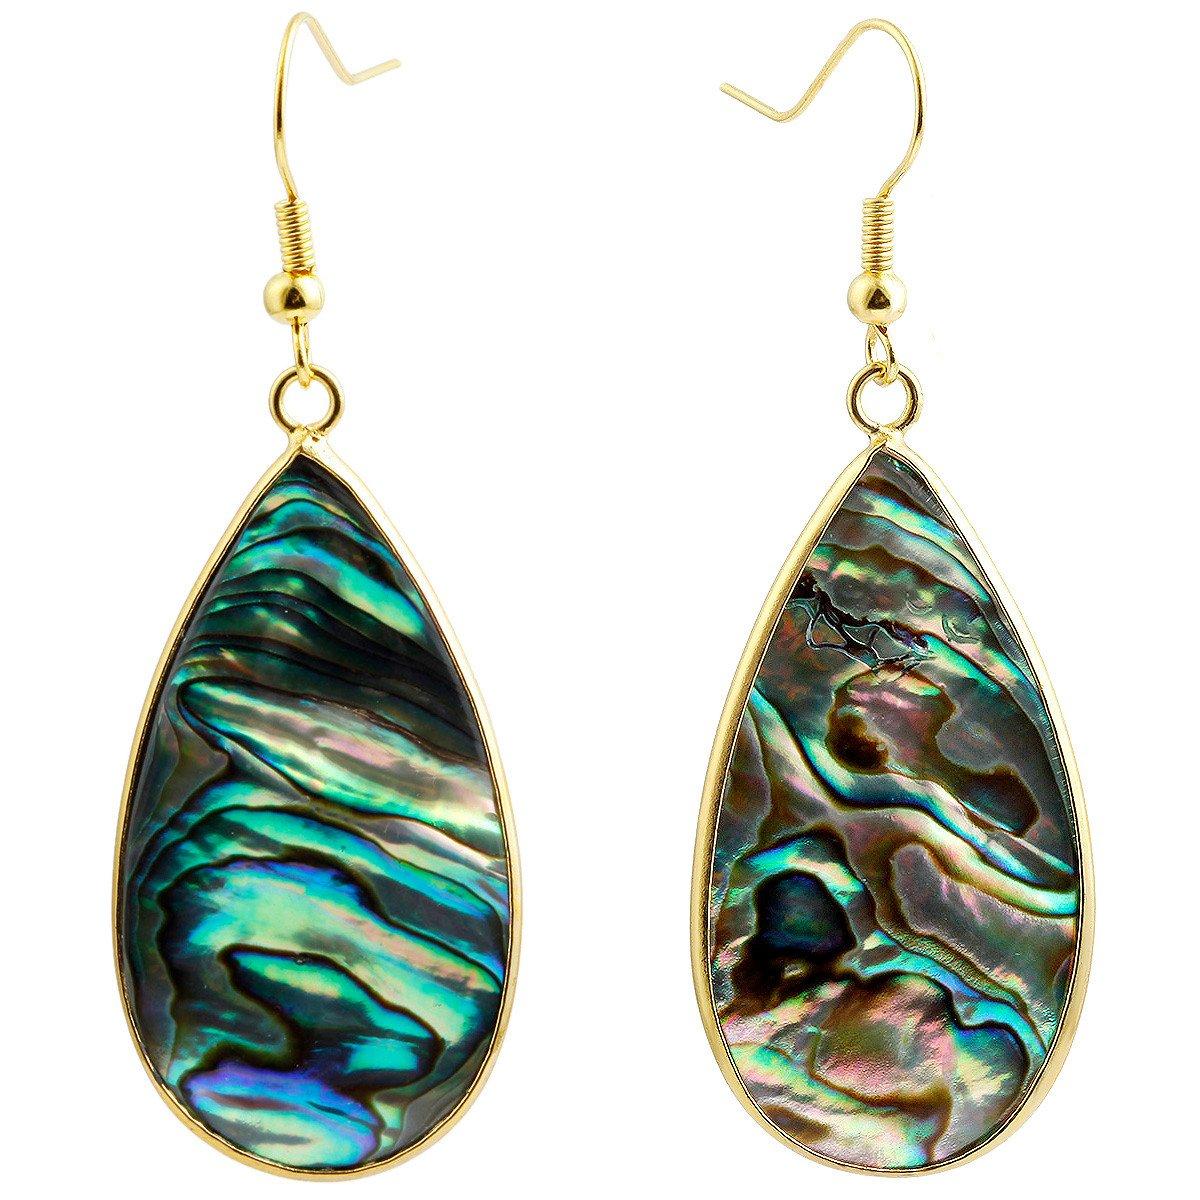 SUNYIK Women's Abalone Shell Round Teardrop Dangle Earrings